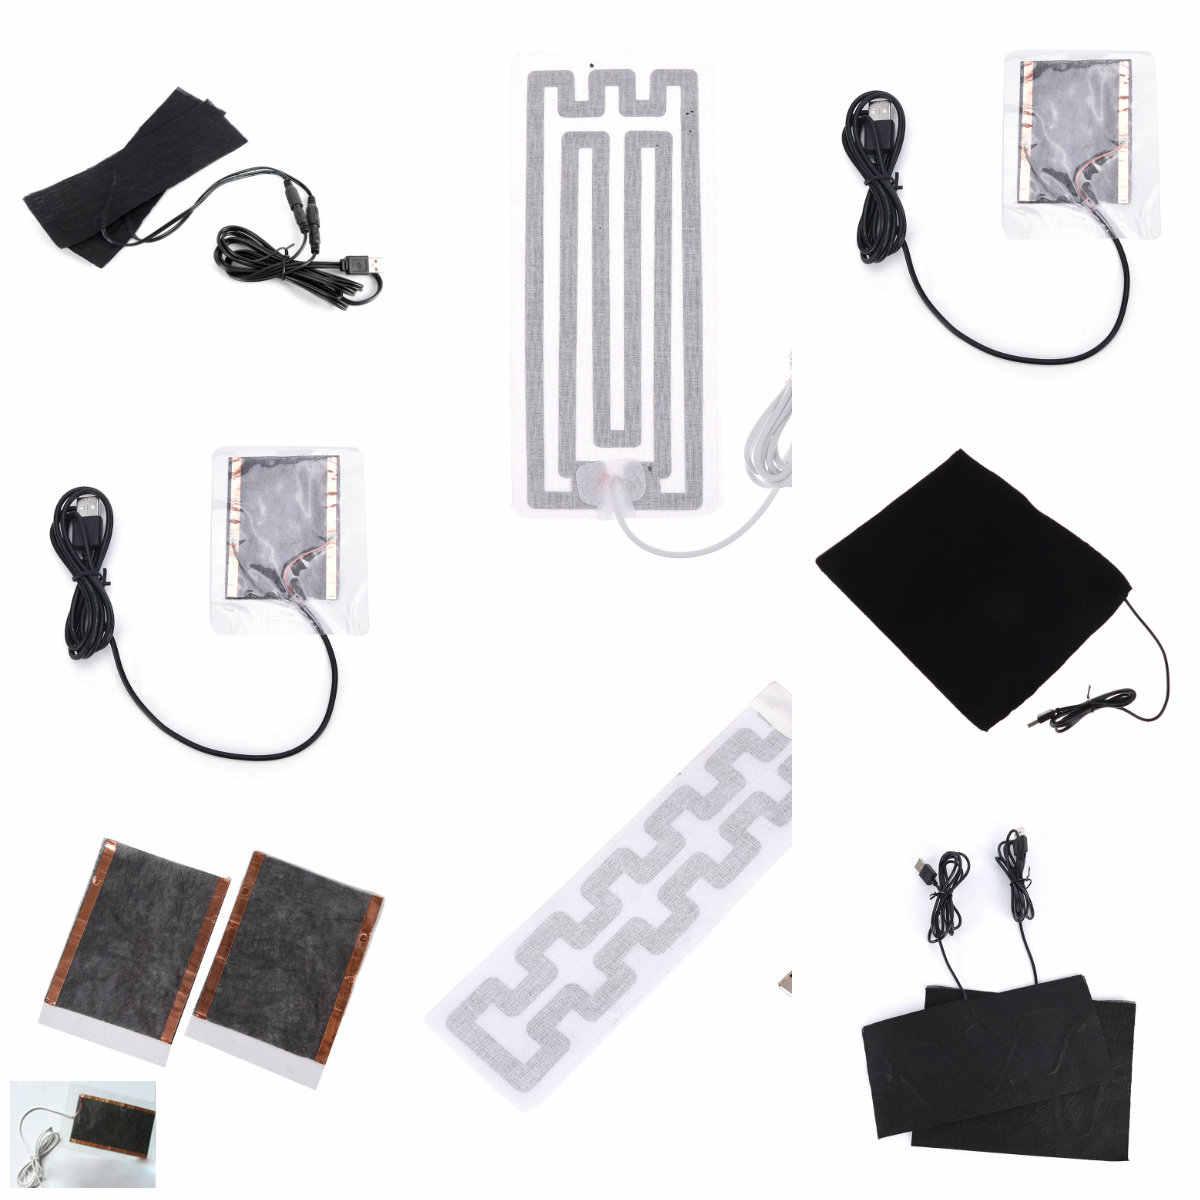 Ciepła tylna szyja szybko nagrzewająca się poduszka elektryczna z włókna węglowego ogrzewacz dłoni USB folia grzewcza elektryczna zimowa gorączka podczerwieni mata grzewcza